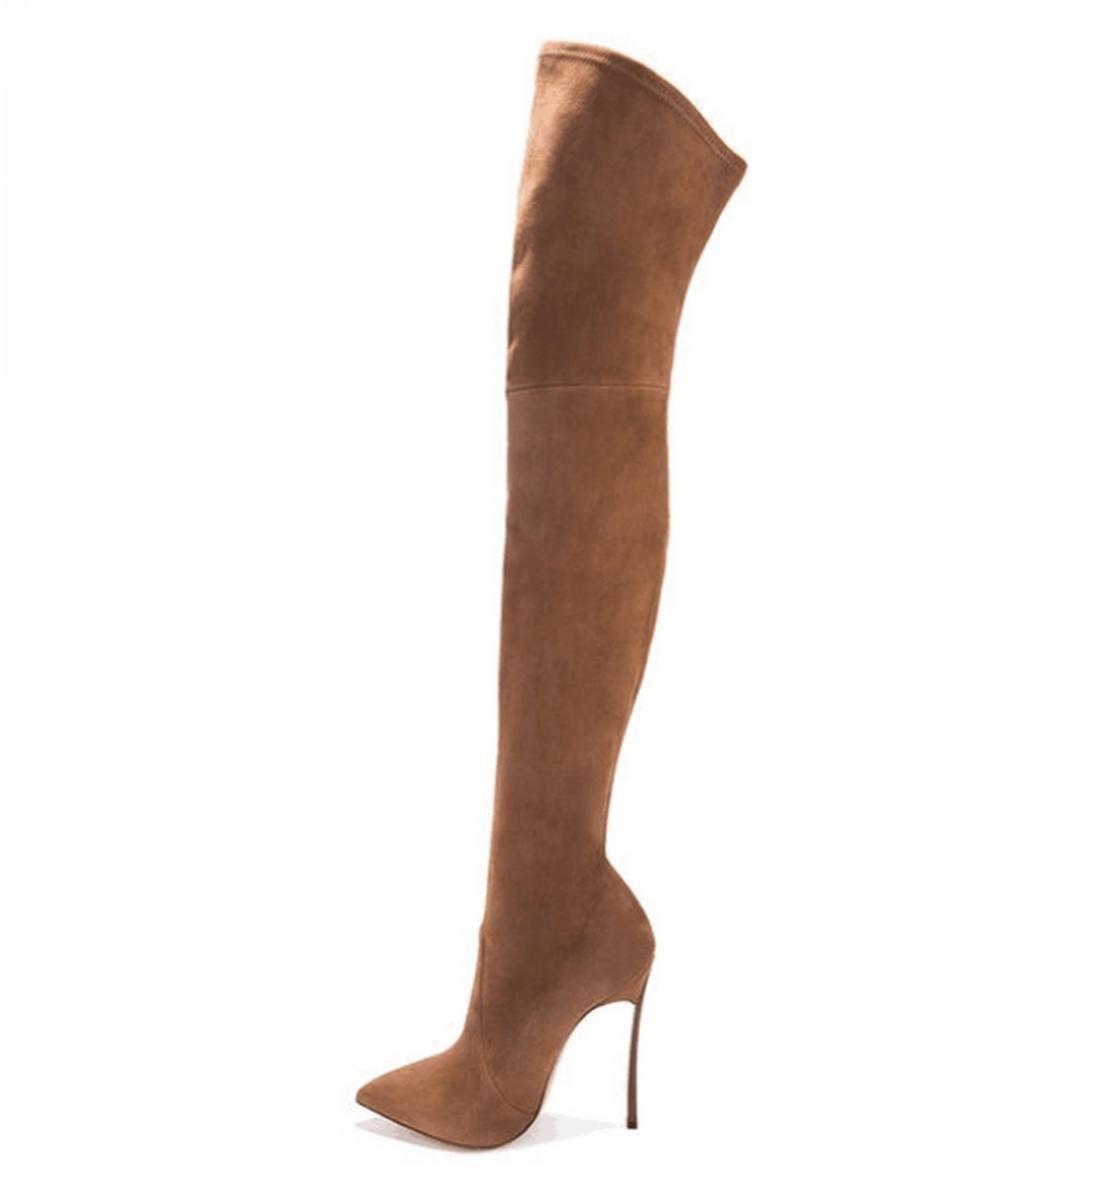 XDGG Frauen Art große und Weise neue Damen 35-43 große Art Größe spitzte high-heeled Knie-Länge Aufladungen  braun  40 103455